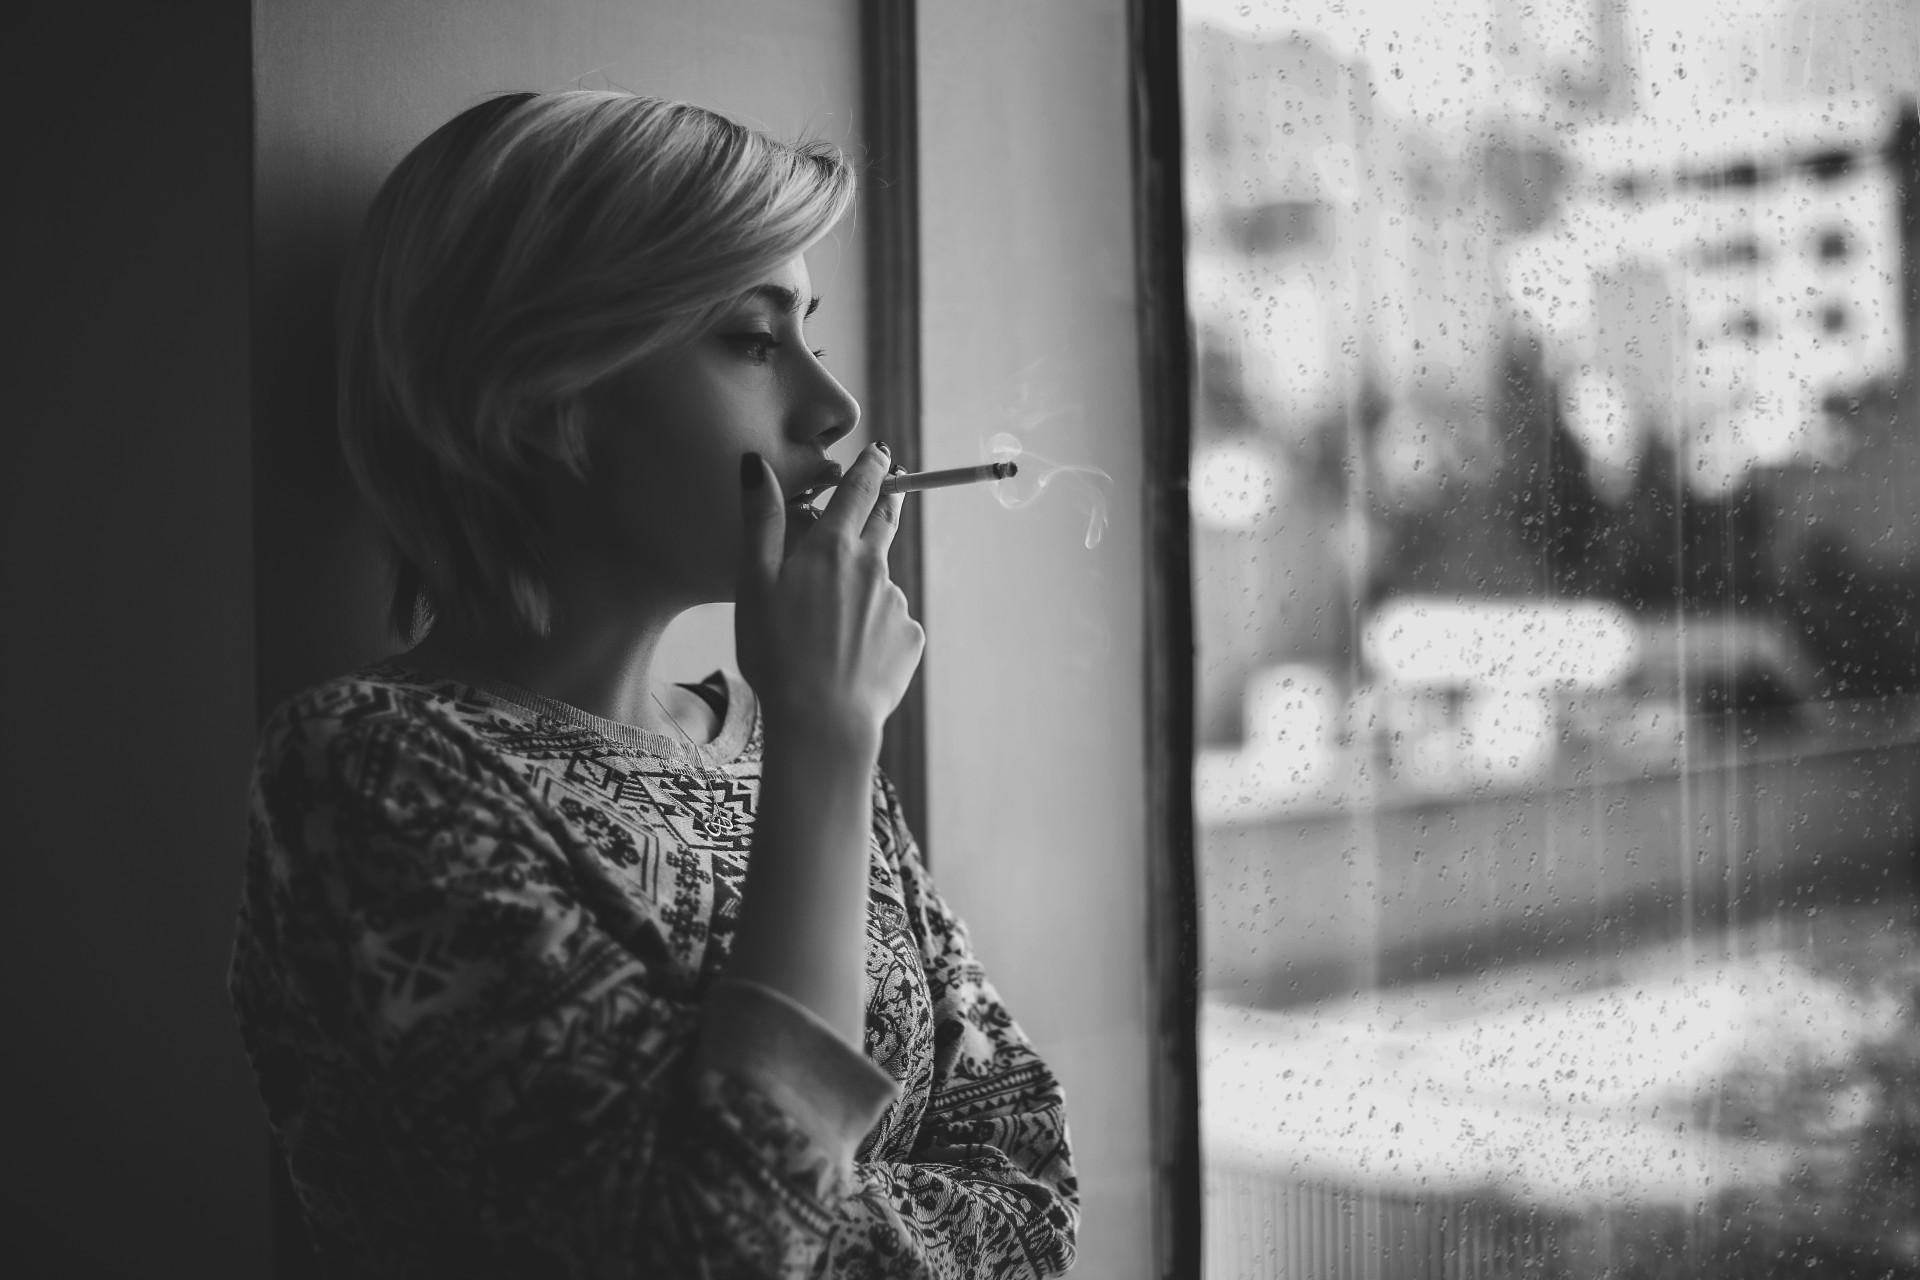 Los hijos de madres fumadoras son más propensos a consumir antidepresivos y estimulantes